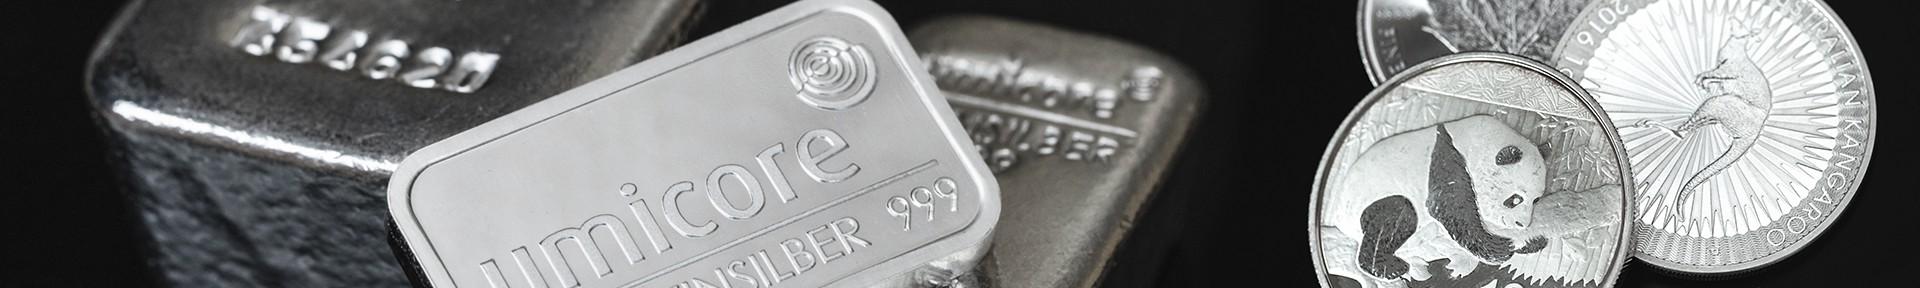 Zilver kopen bij Goudwisselkantoor